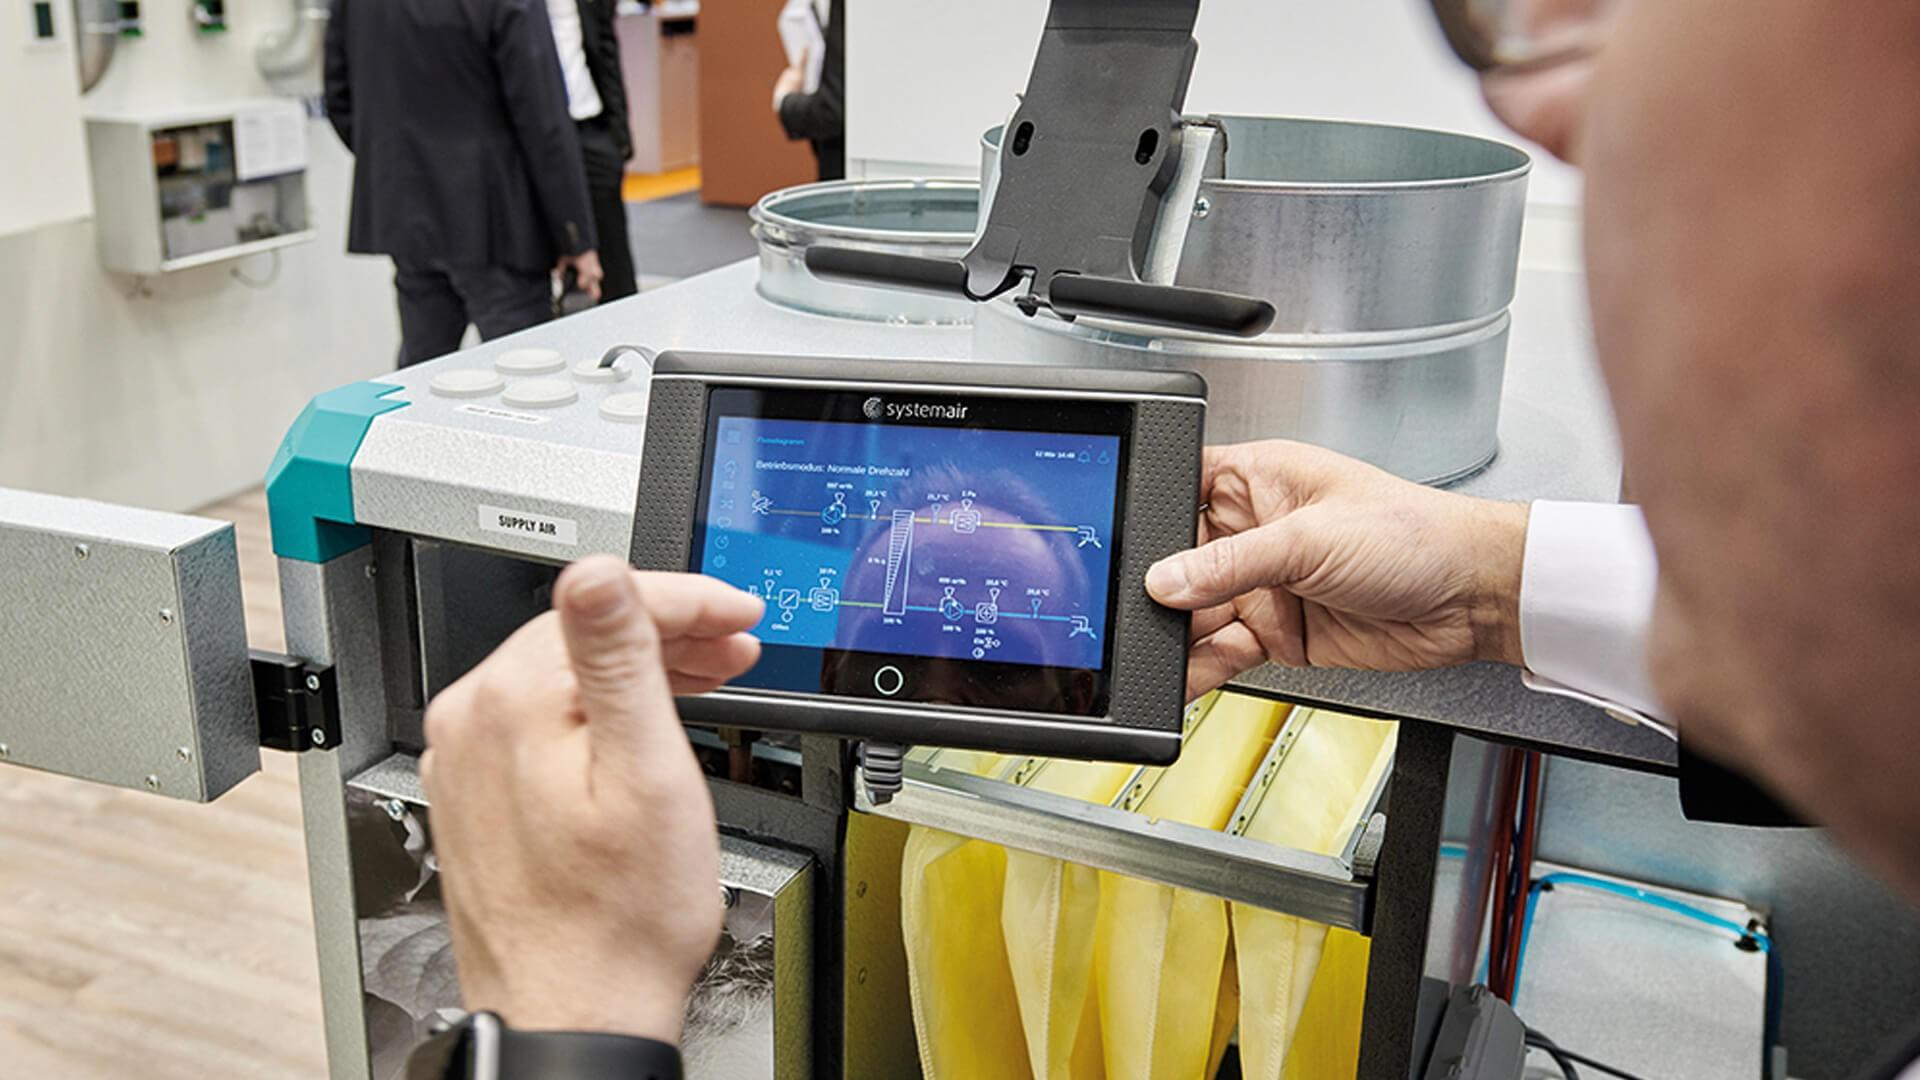 Ein Mitarbeiter der Systemair GmbH mit Bedieneinheit NaviPad, auf dem er Systemair Access – die Regelungslösung für die Geniox- und Topvex-Lüftungsgeräte von Systemair – nutzt.